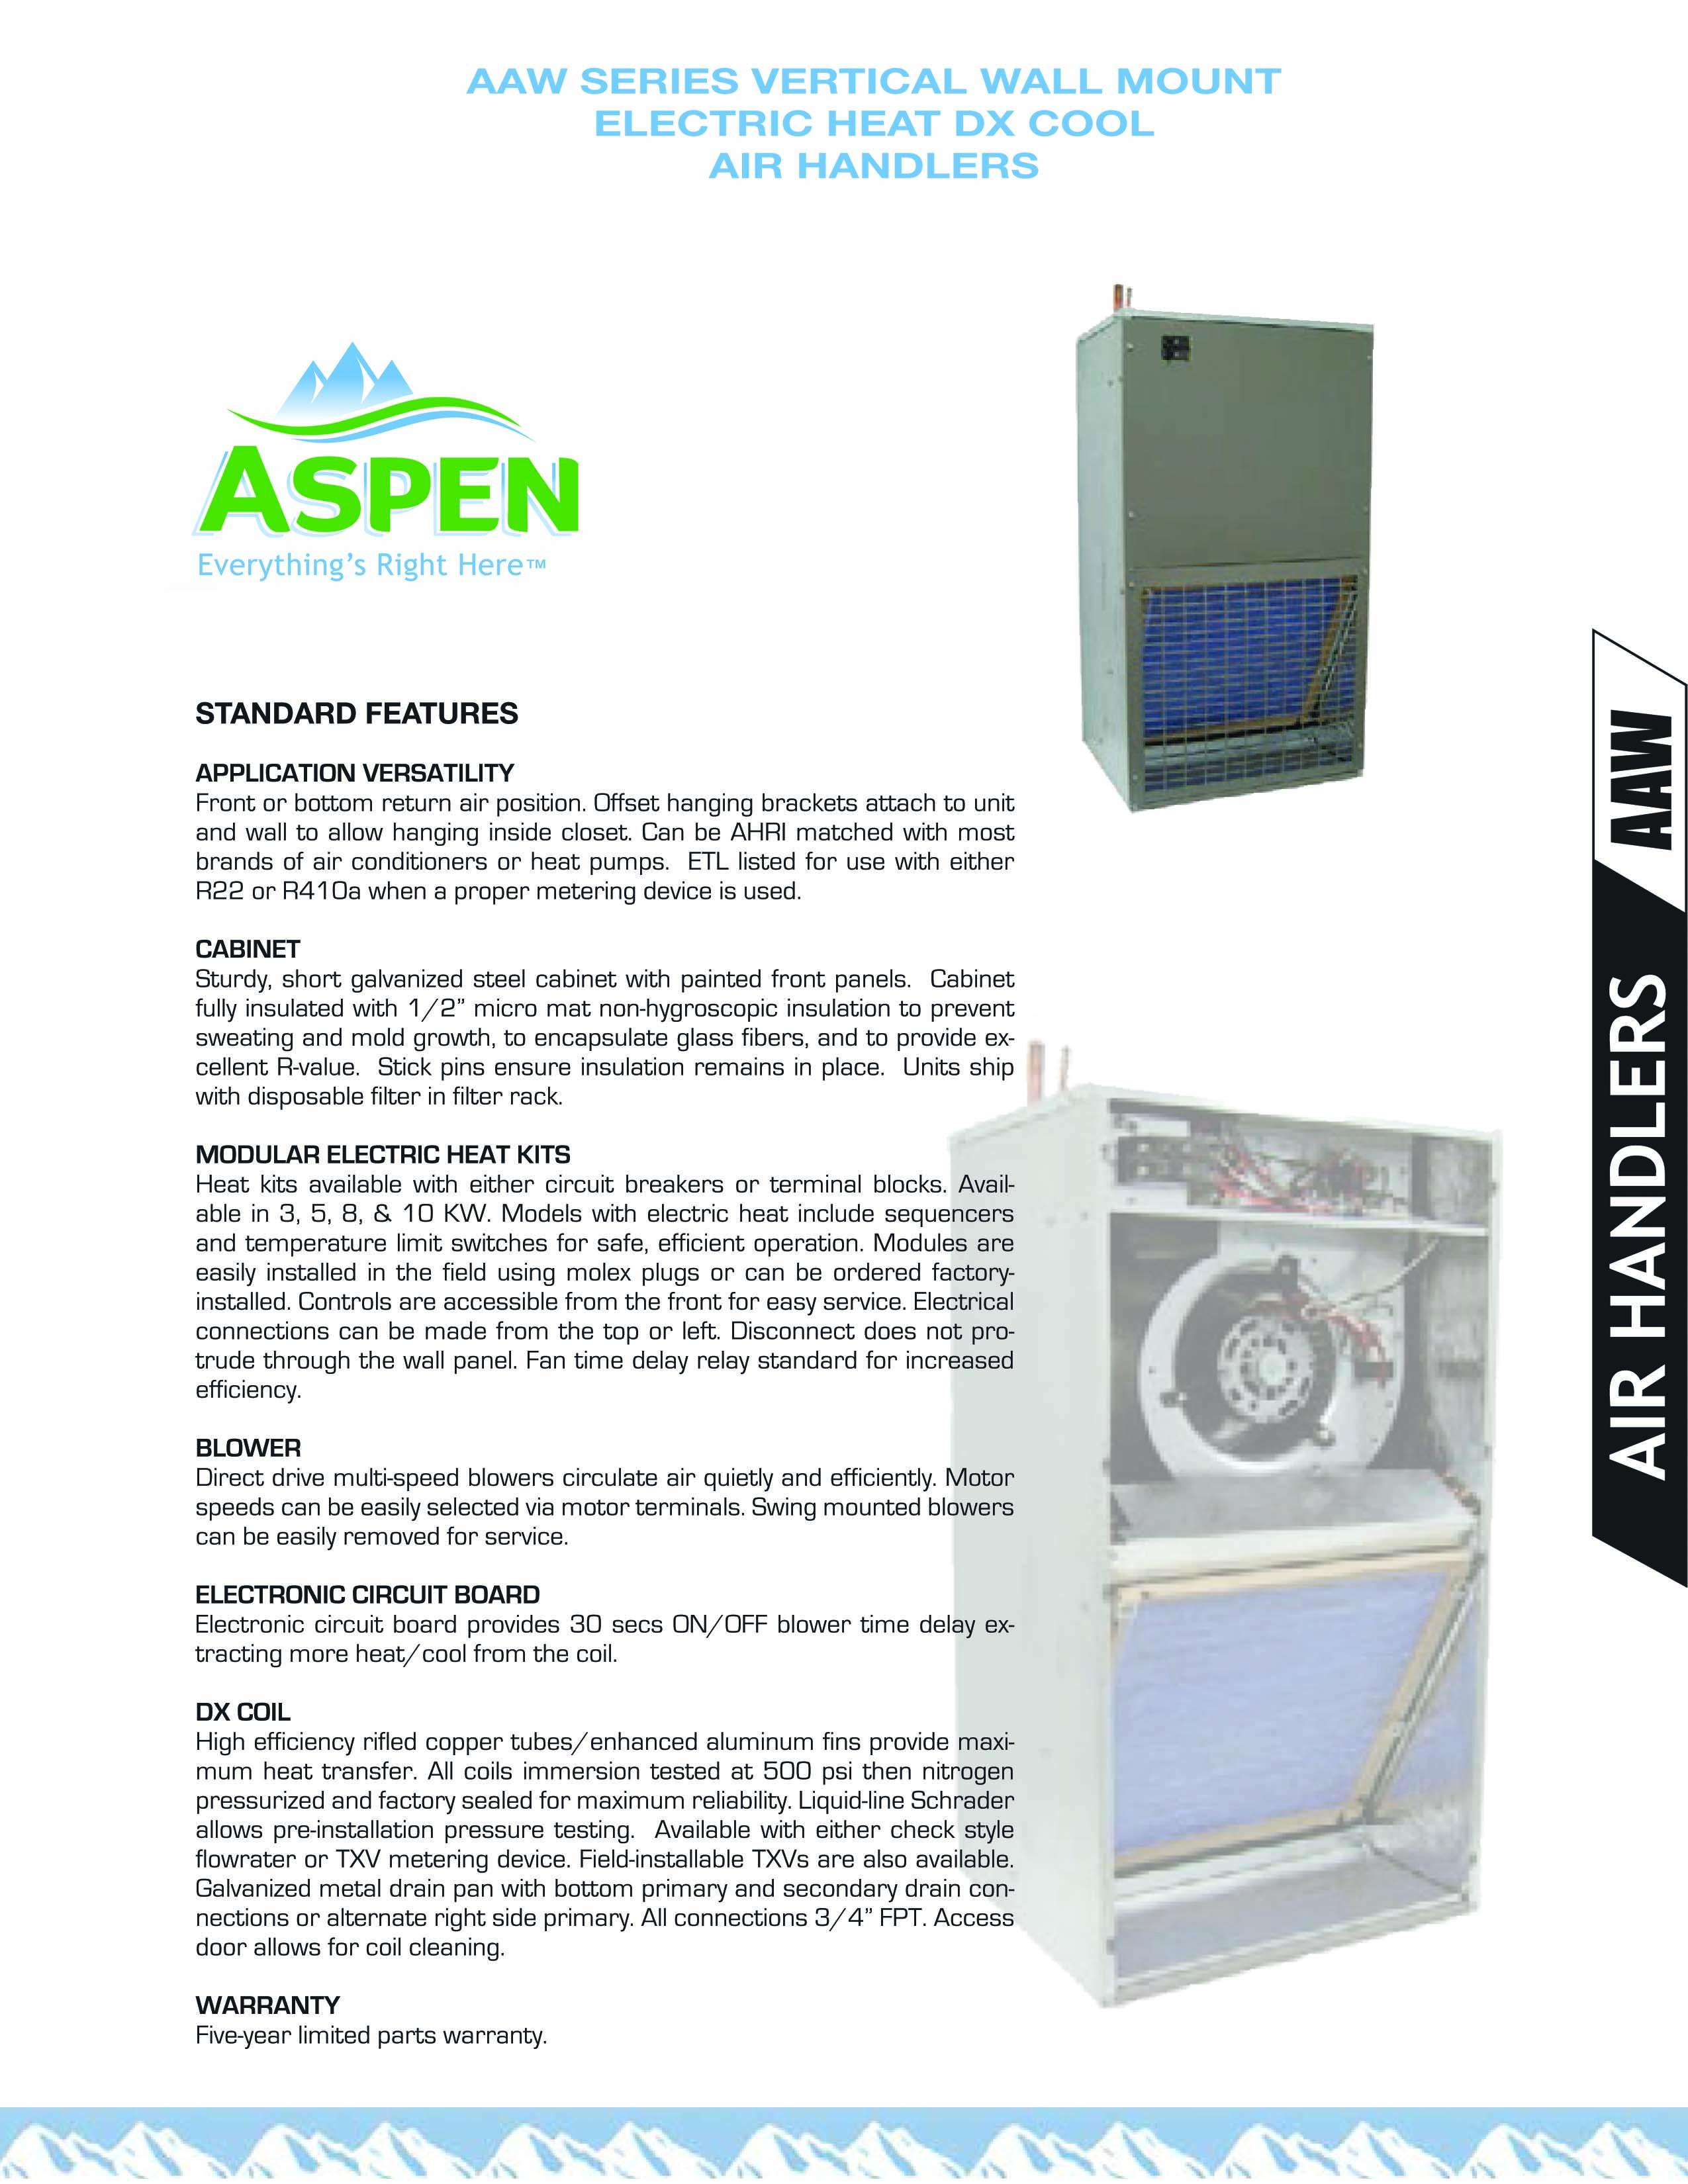 2 0 Ton Aspen Air Handler 5kw Heater Aaw244000fcs05